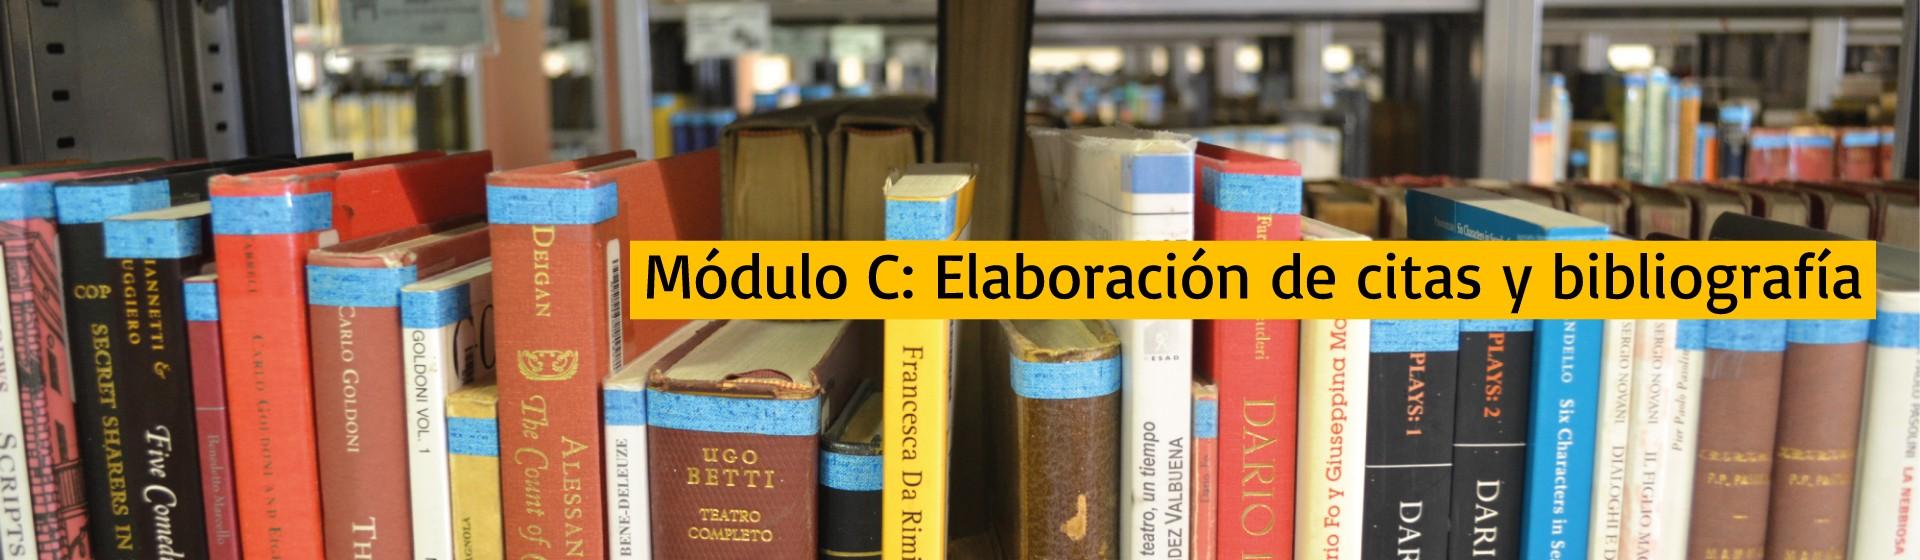 Módulo C: Elaboración de citas y bibliografía | Uniandes